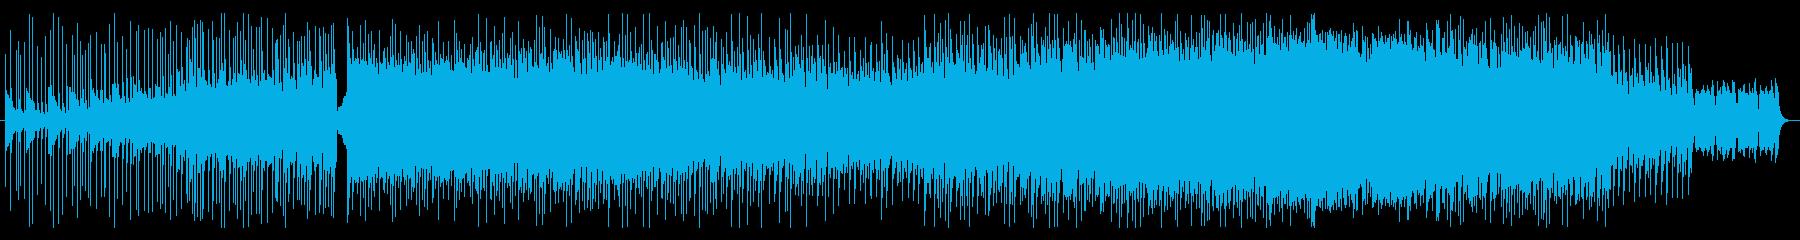 スキップ日和(リミックス)の再生済みの波形